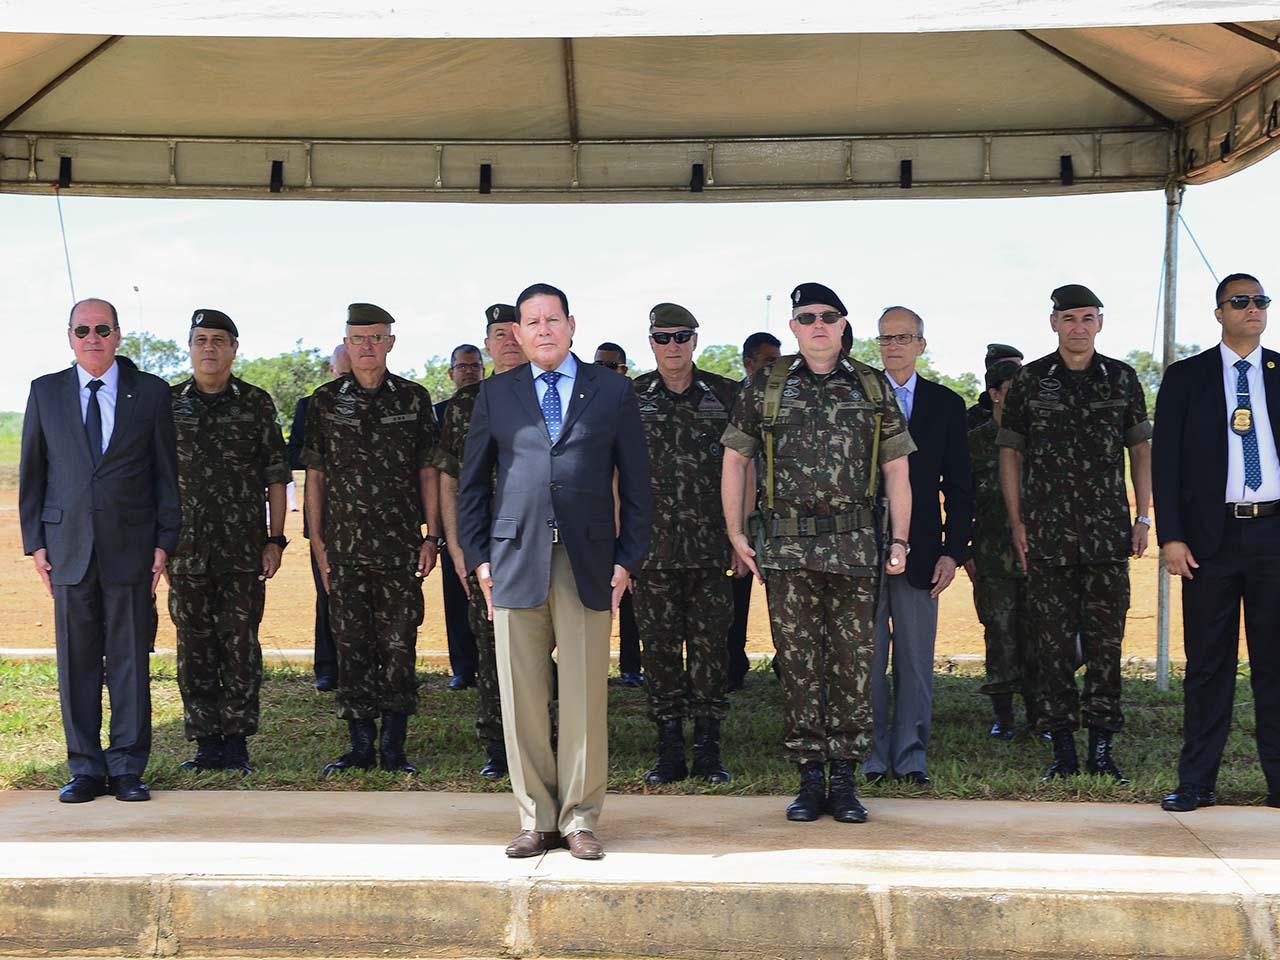 Inauguração do Comando de Artilharia do Exército, em Formosa, amplia o poder dissuasório da Força Terrestre